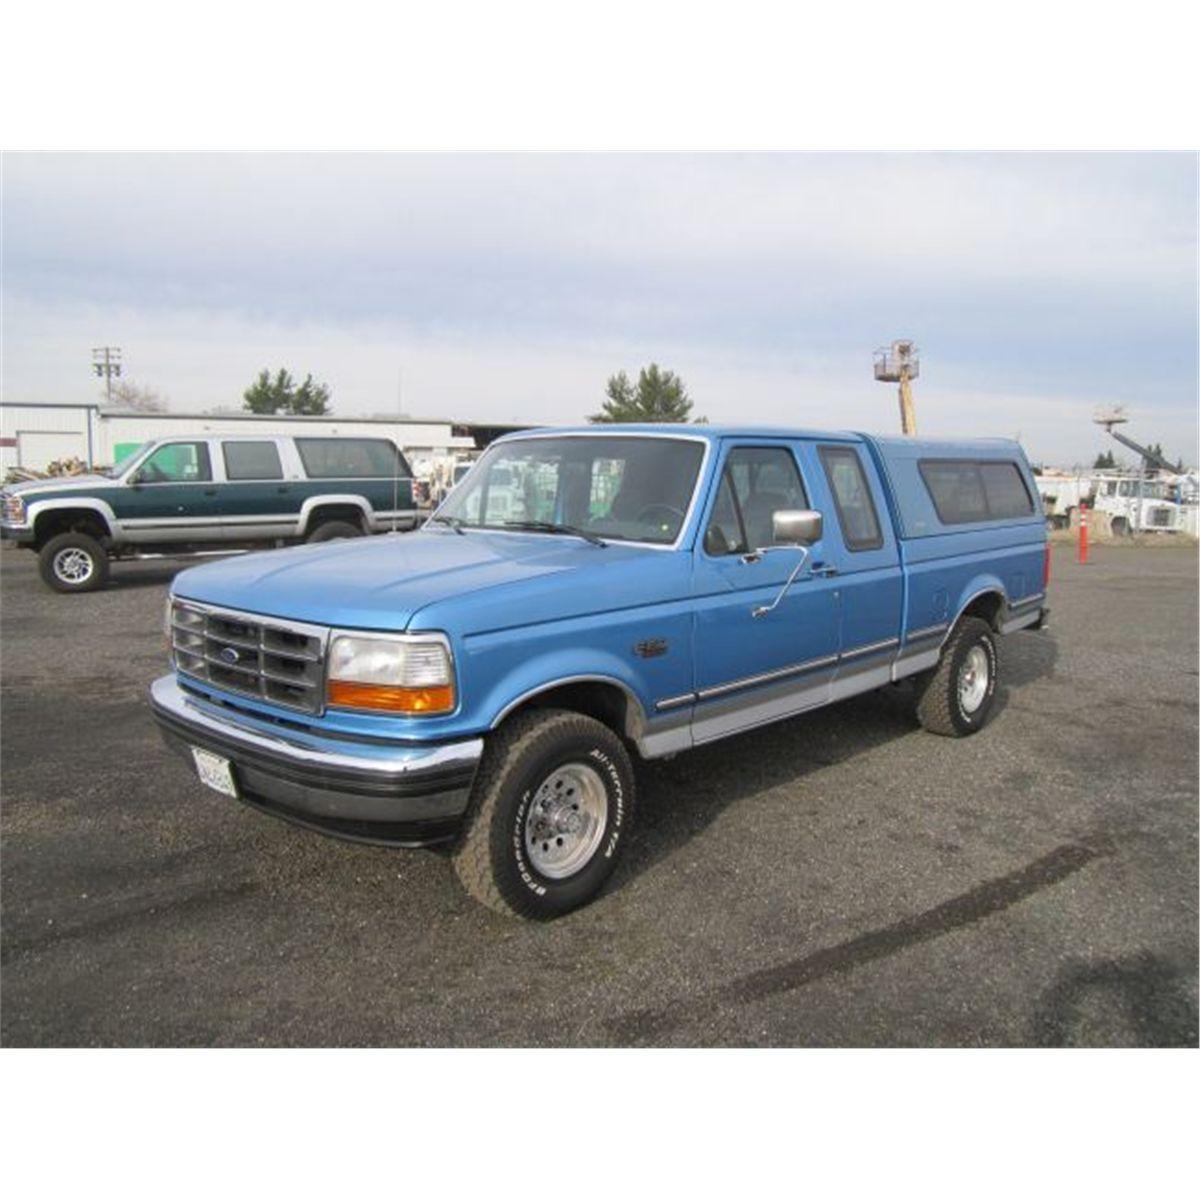 1992 Ford F150 Xlt Xtra Cab 4x4 Pickup Truck